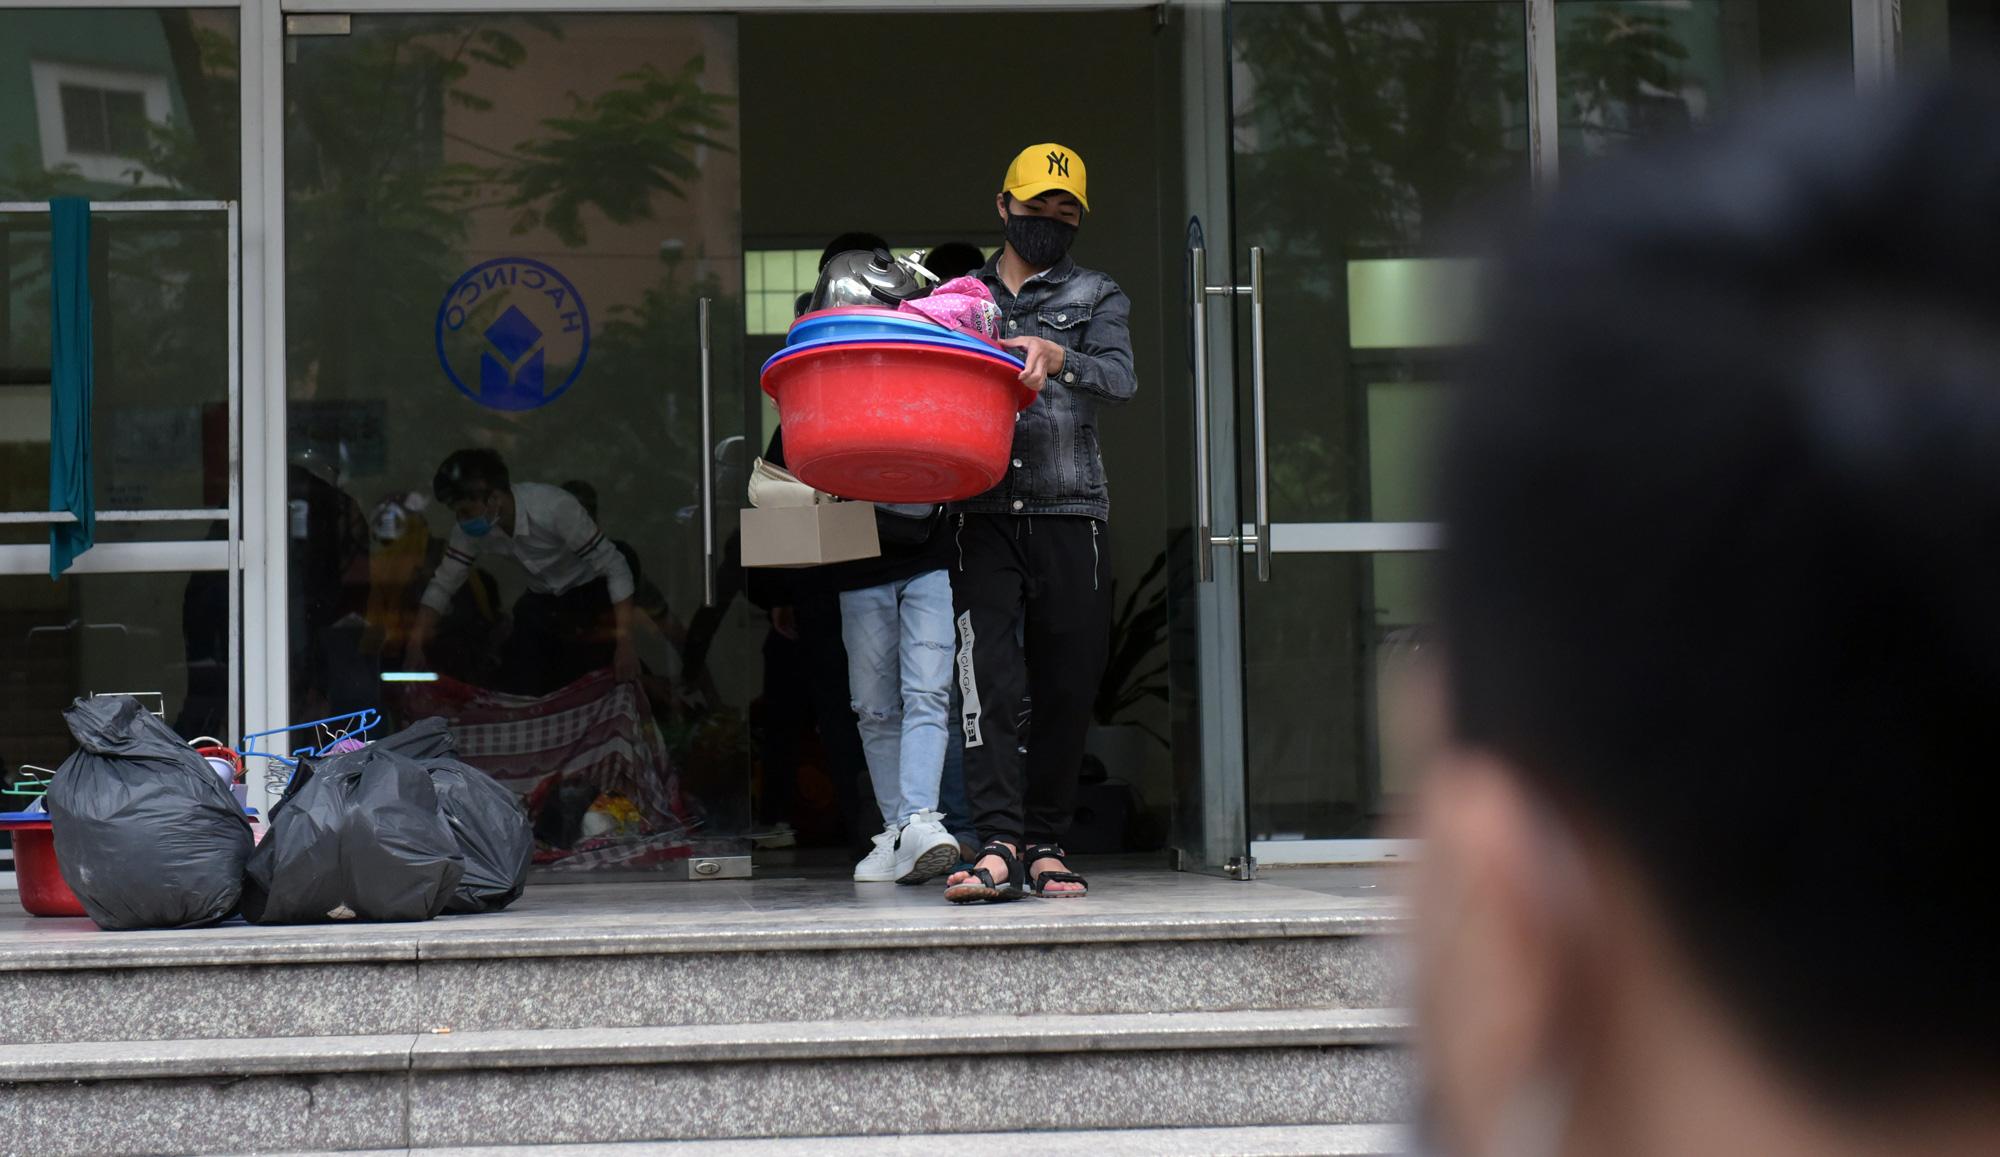 Sinh viên kí túc xá Mỹ Đình vui vẻ chuyển đồ, nhường phòng làm nơi cách li người dân về từ vùng dịch Covid-19 - Ảnh 5.